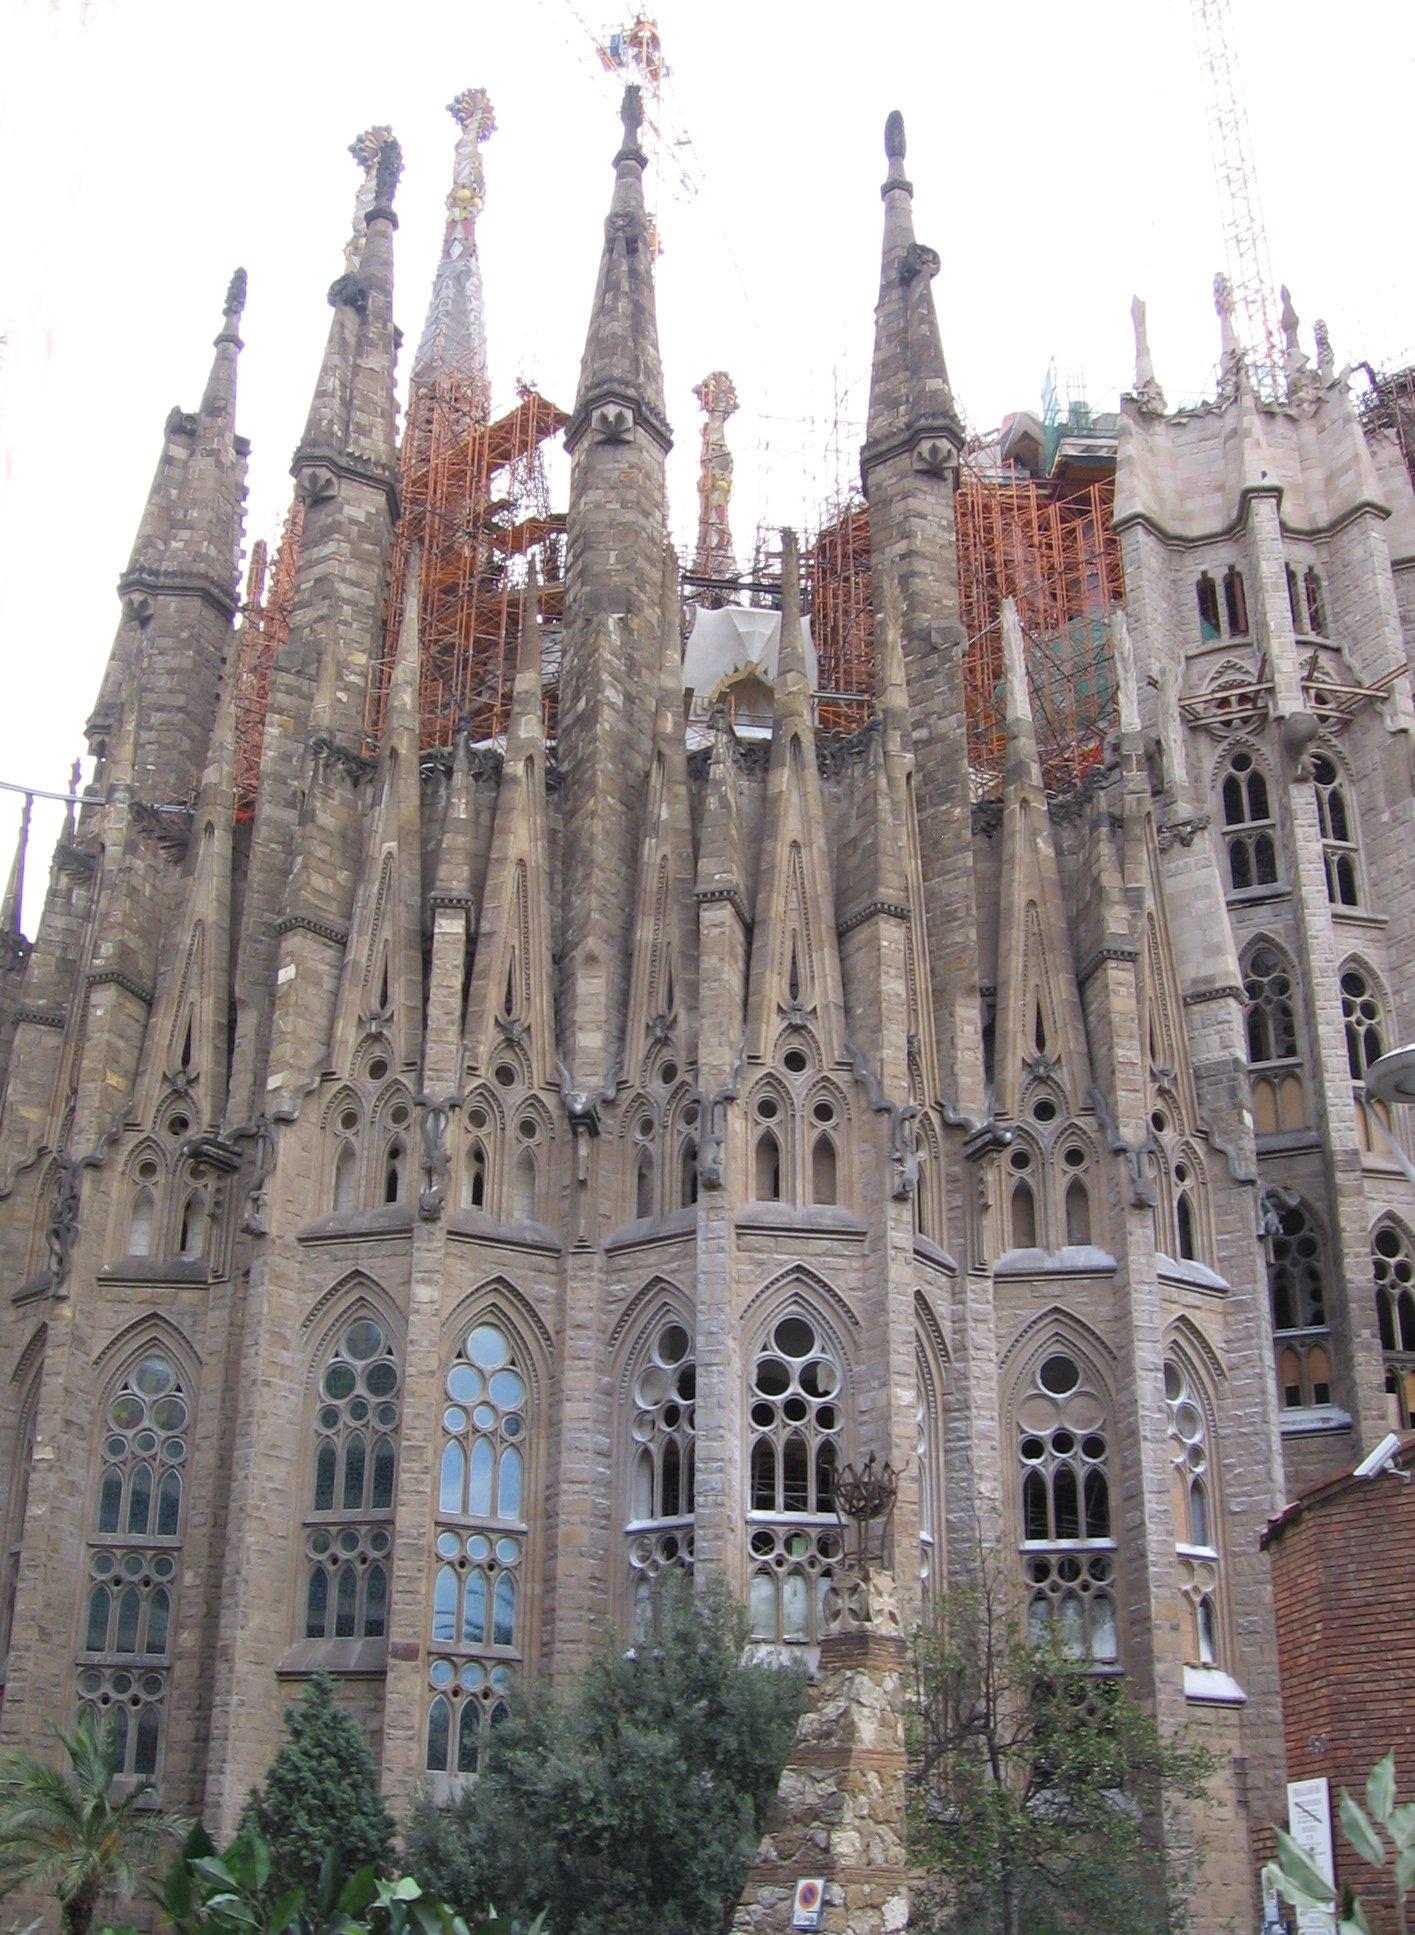 Barcelona de gaud sagrada fam lia a menos convencional for De la sagrada familia